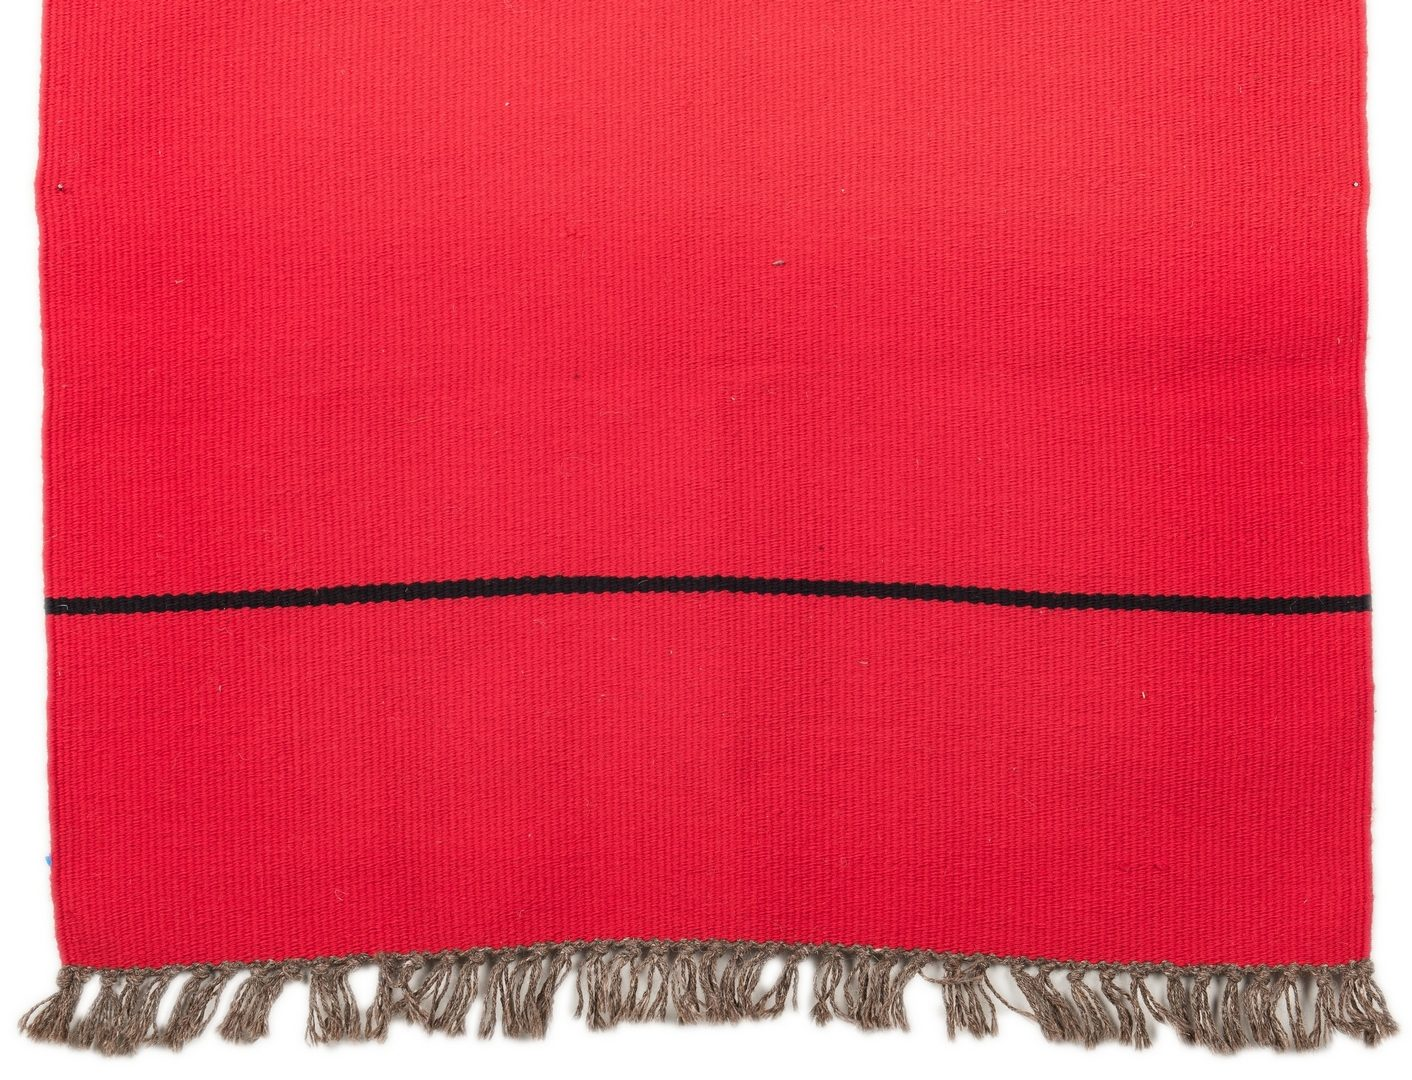 Lot 275: 3 Native American Weavings, incl. Nellie Tsosie